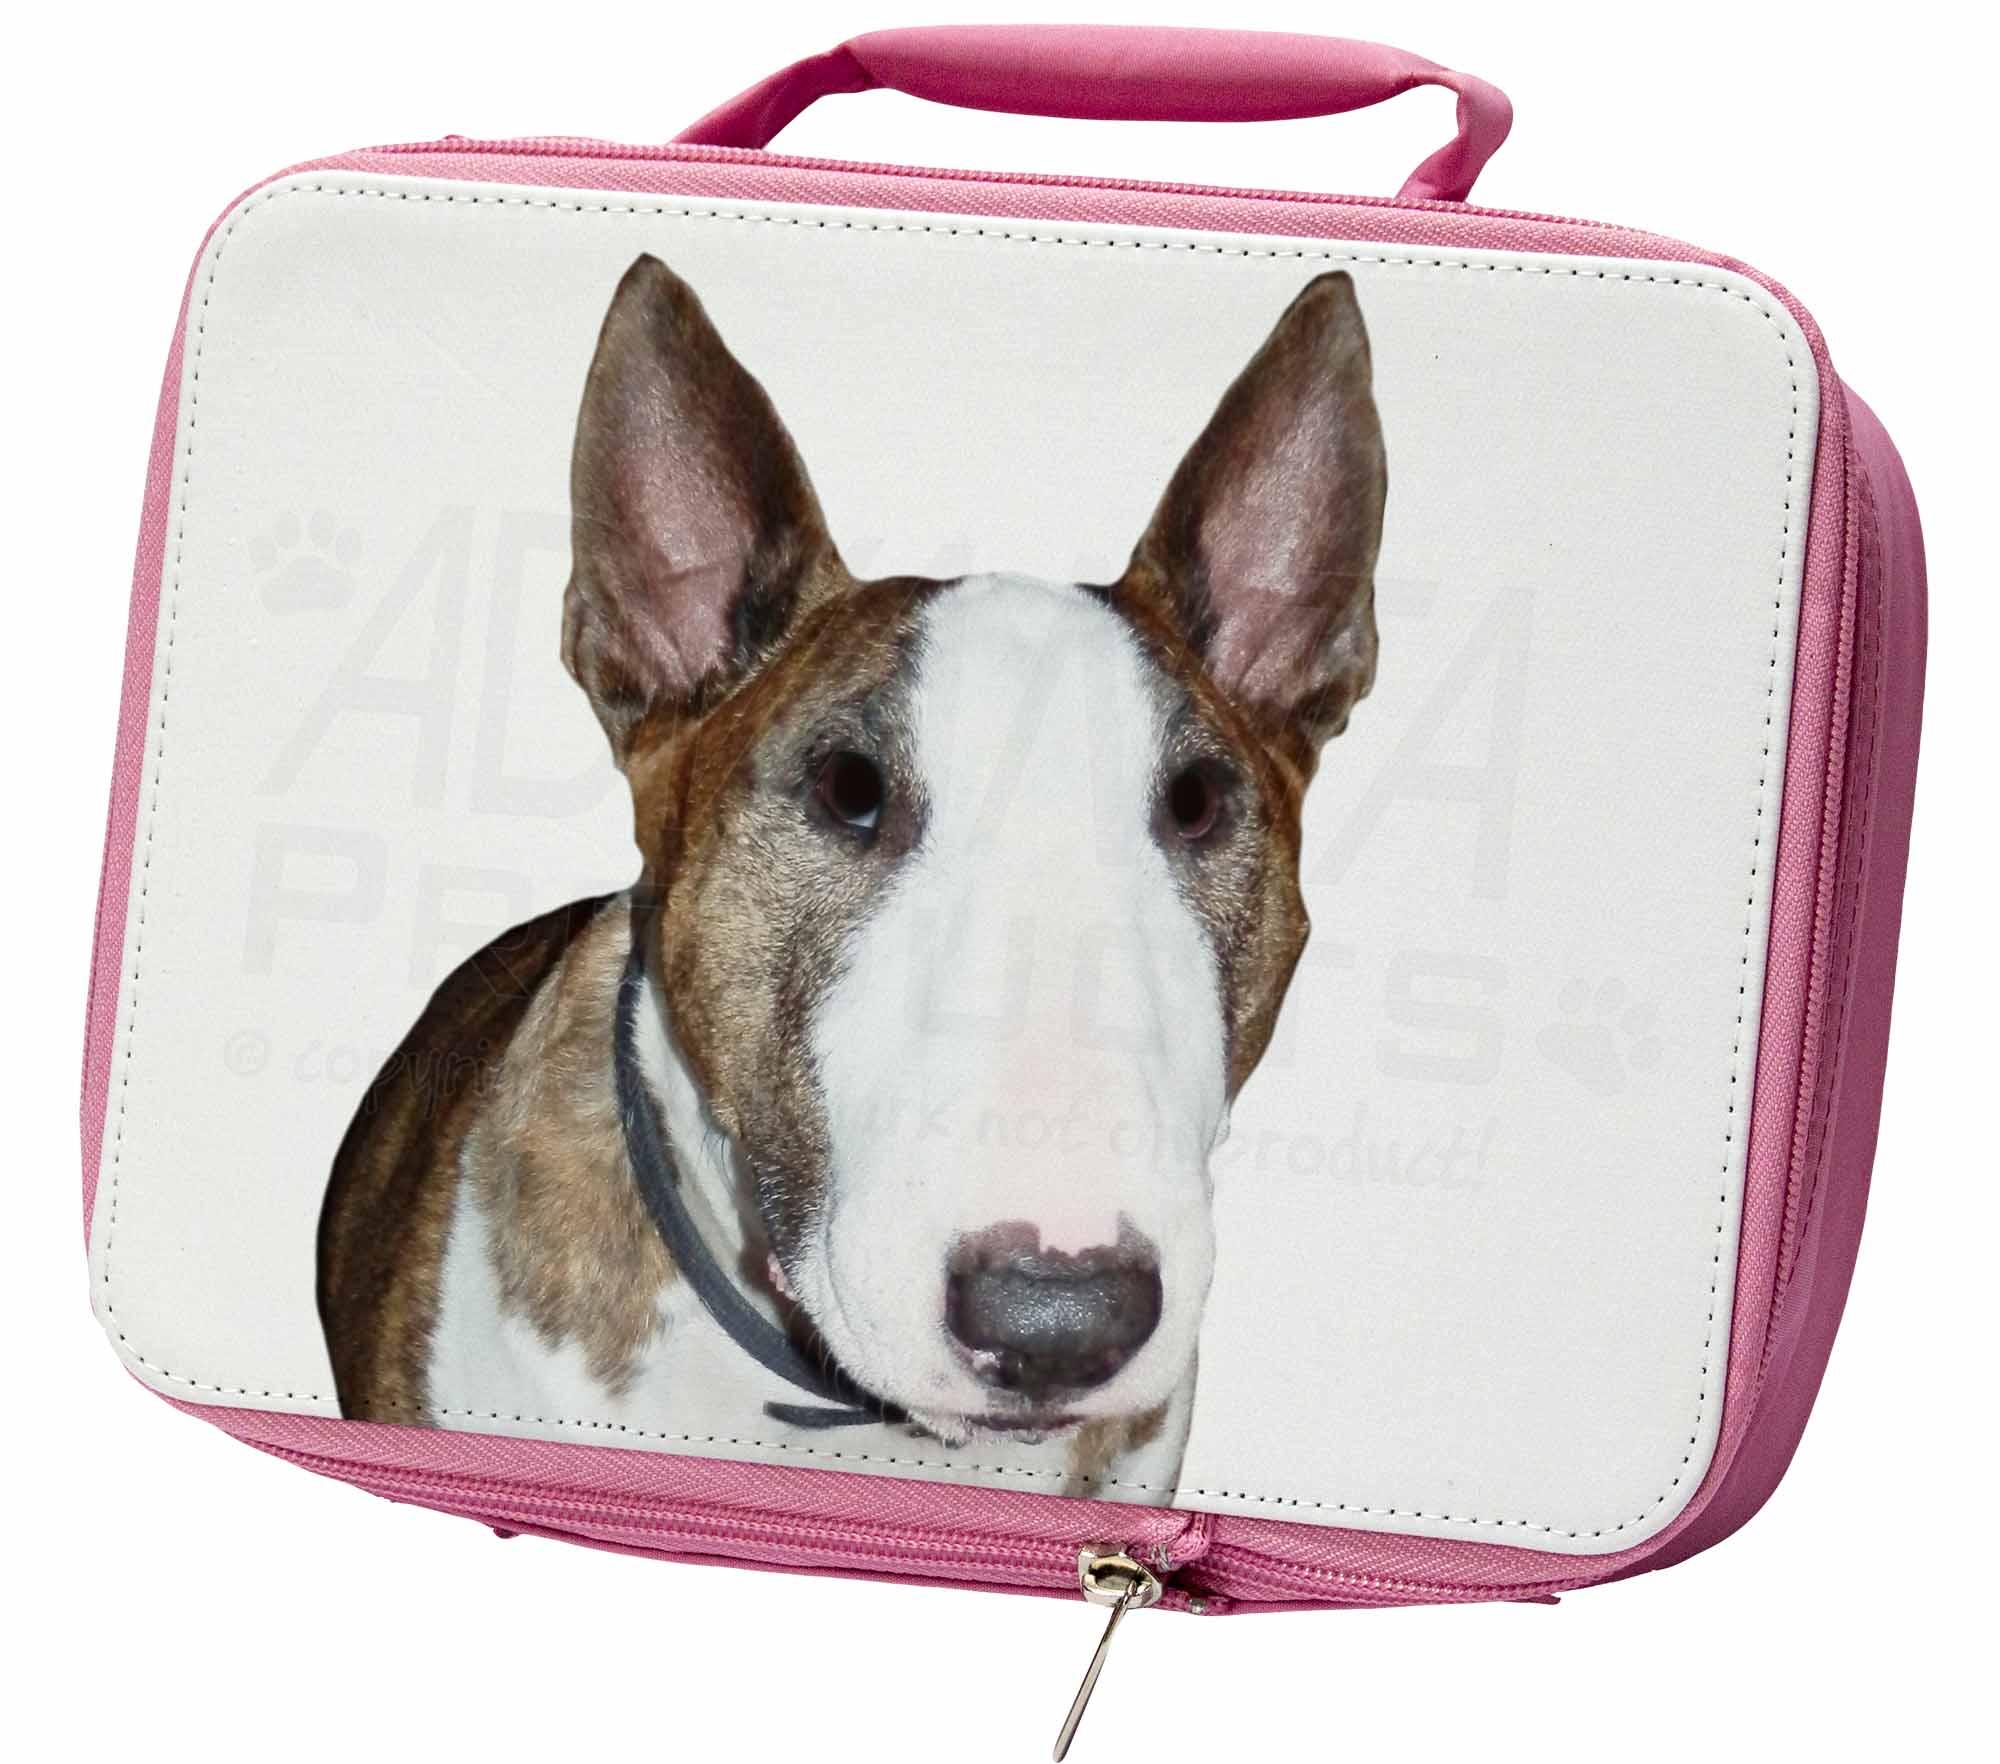 LA SUPERFICIE DI UN Bull Terrier ERMETICA rosa scatola del pranzo per scuola